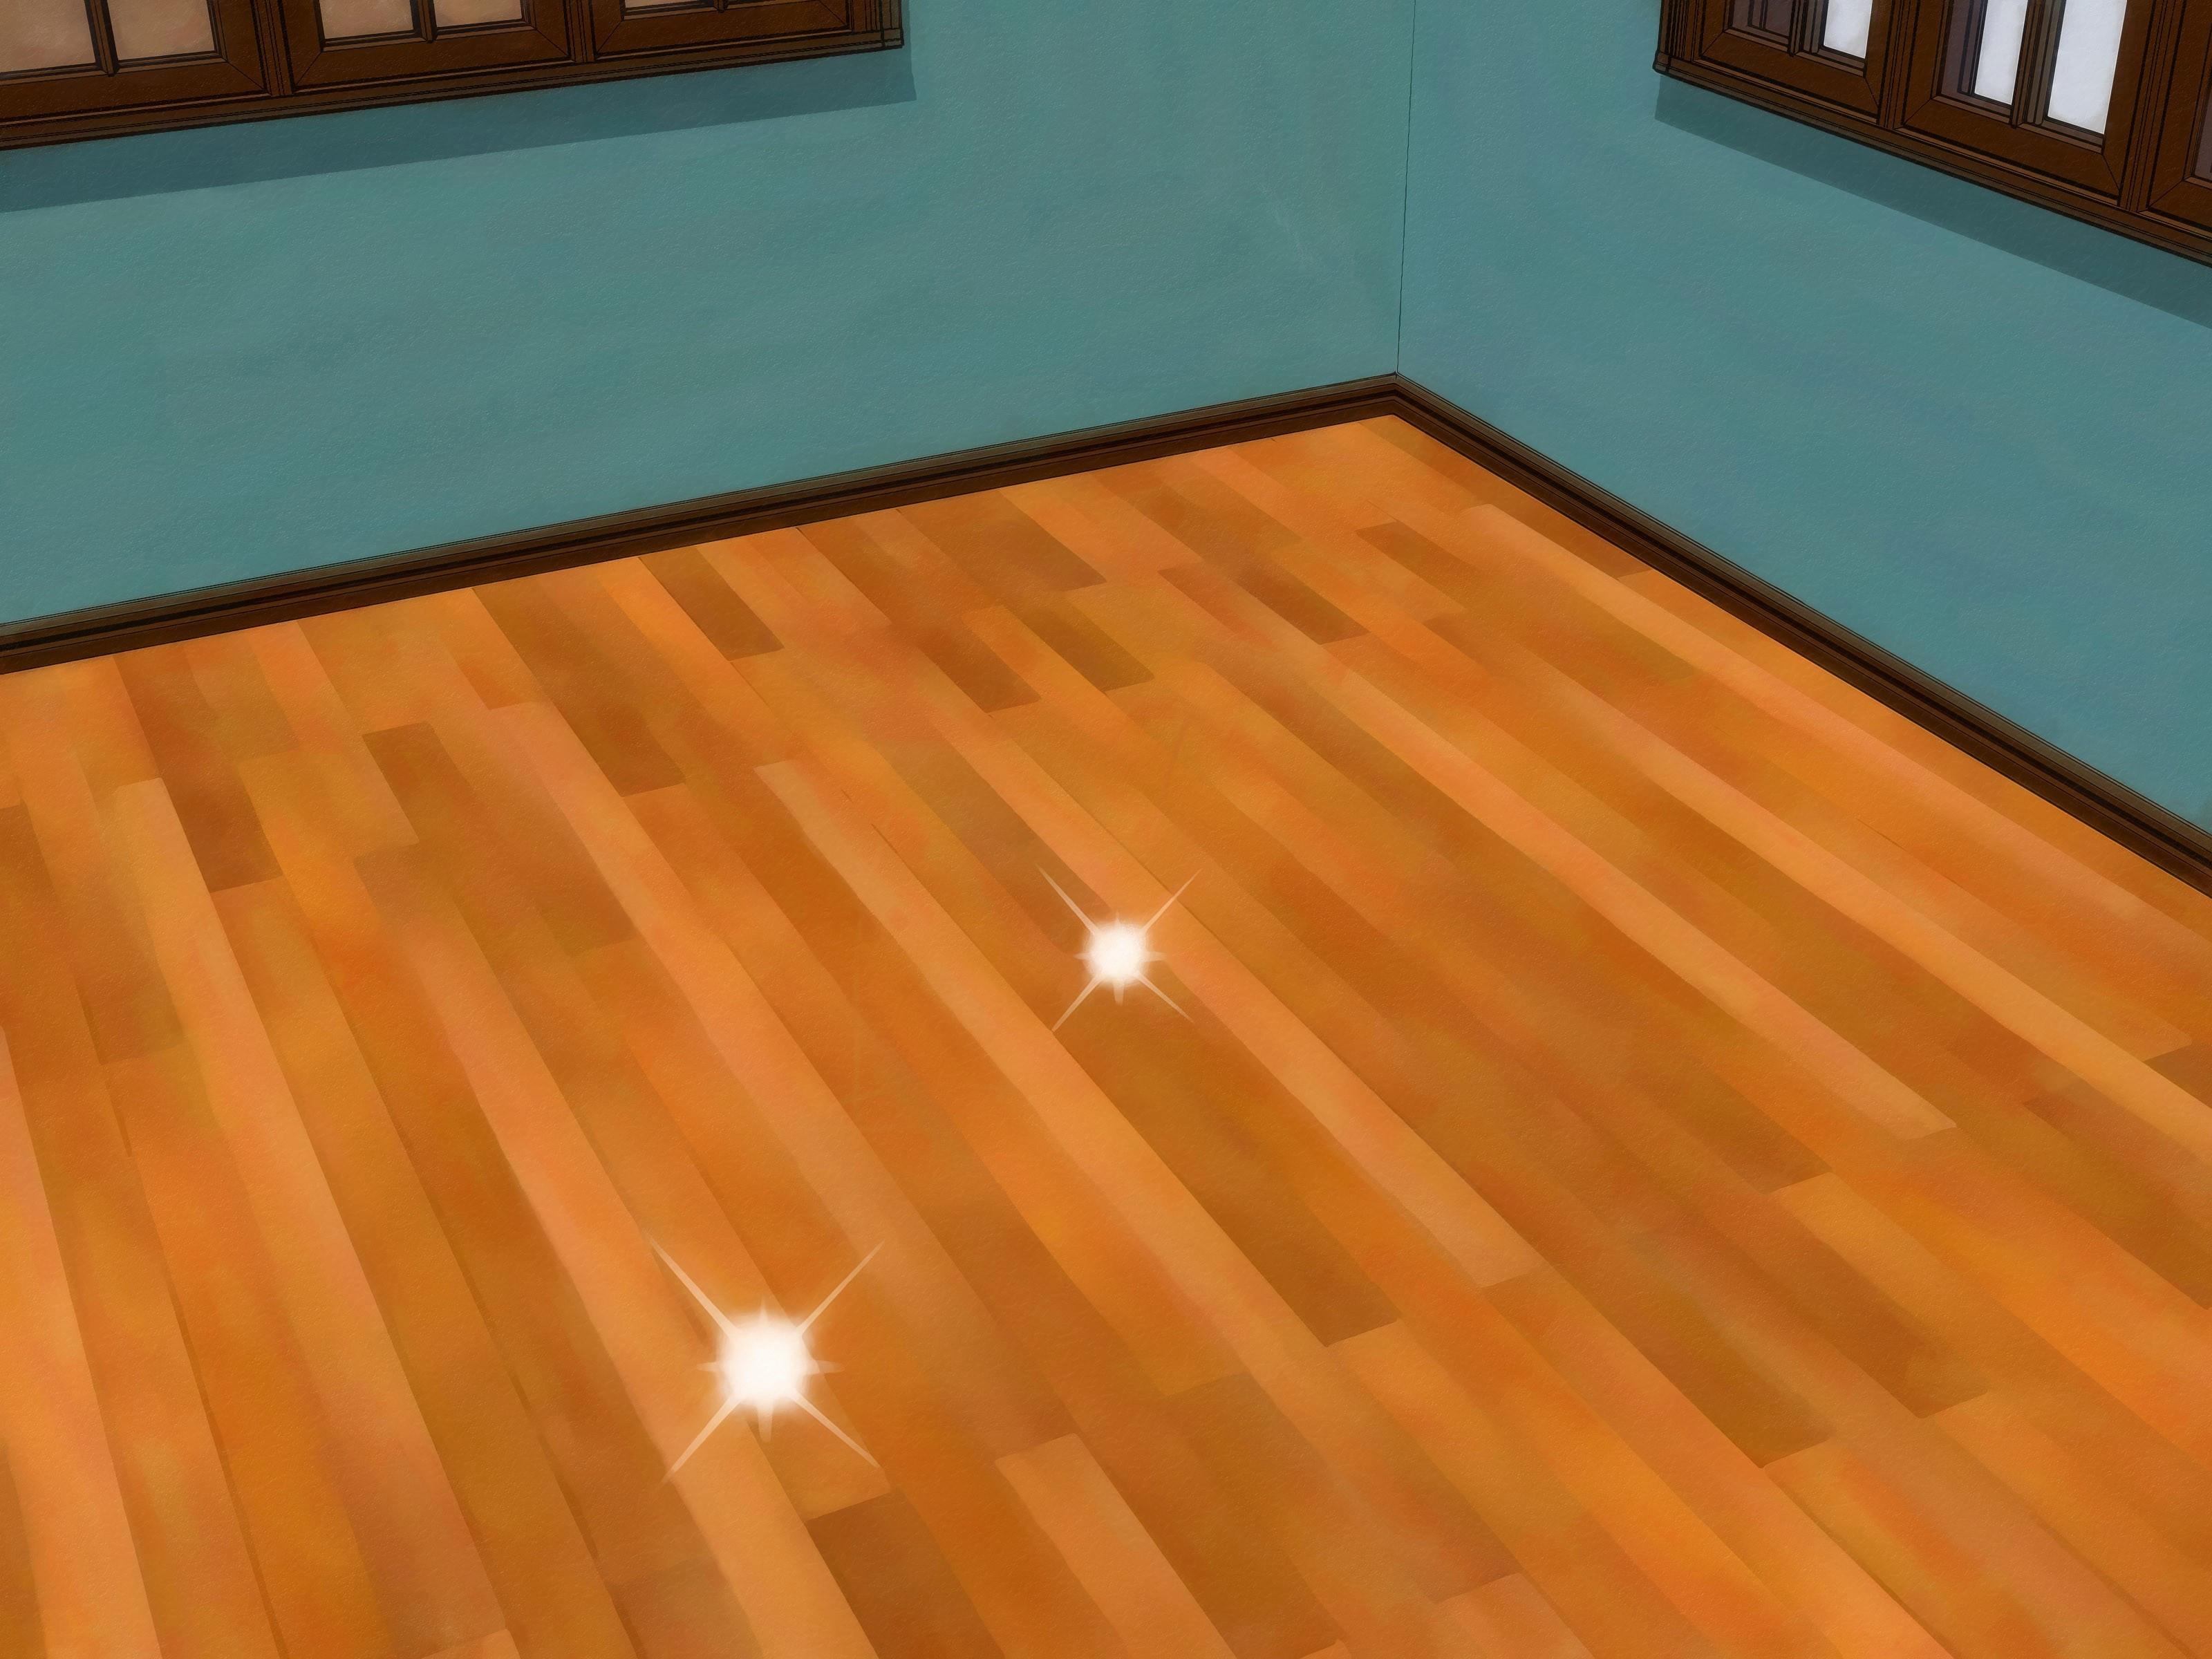 replacing hardwood floor boards cost of 13 luxury repair hardwood floor collection dizpos com throughout repair hardwood floor awesome 50 best how to get wax f hardwood floors graphics 50 s